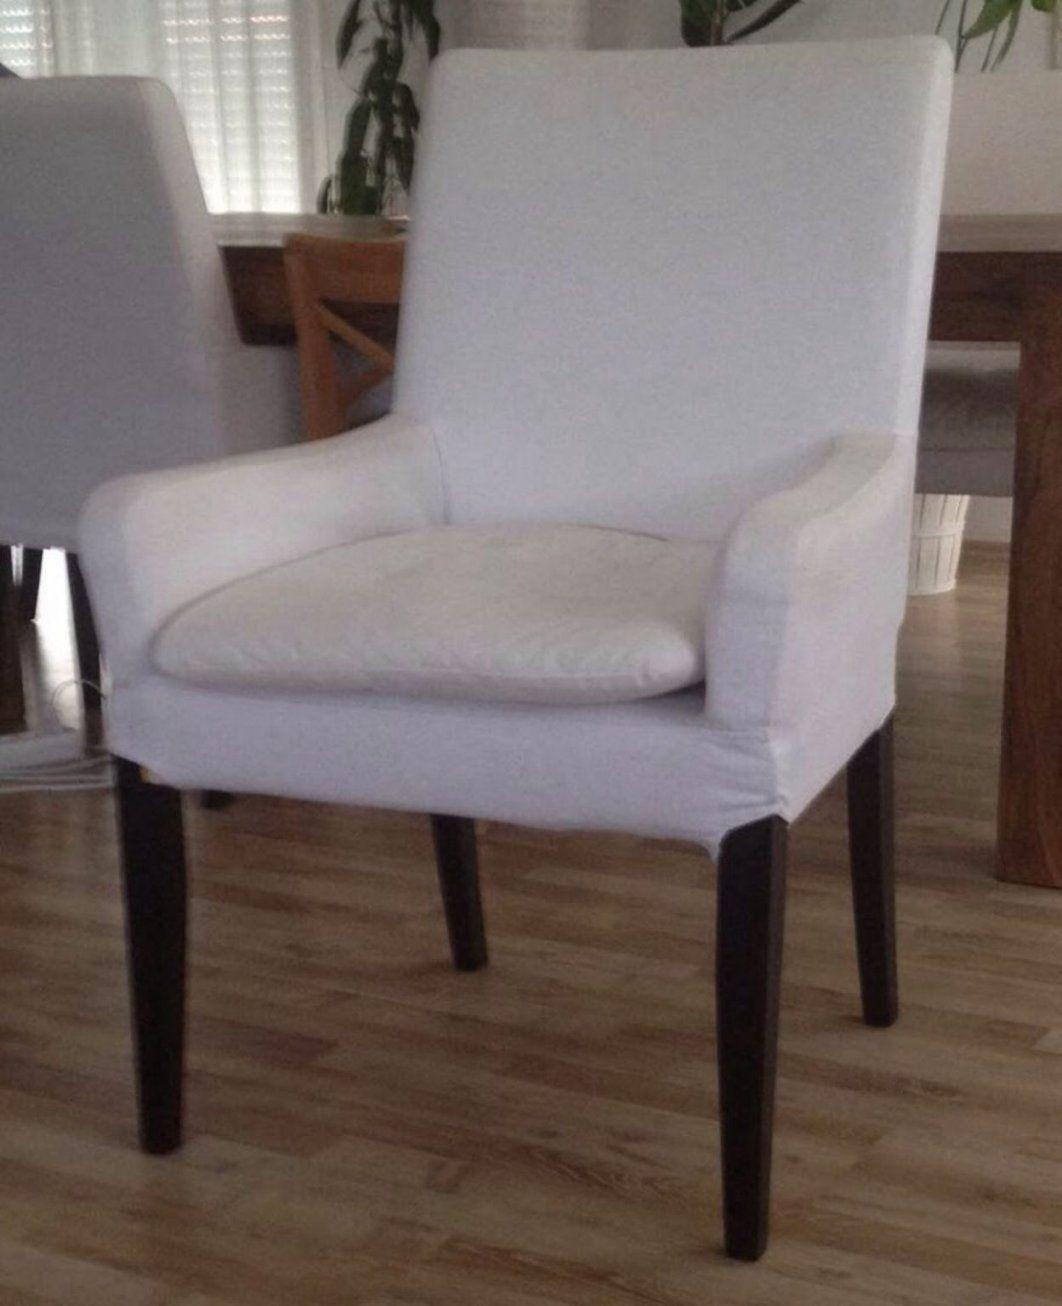 Ikea Sthle Mit Armlehne Cool Holz Stuhl Mit Armlehne Hnlich Ikea von Ikea Stühle Mit Armlehne Bild